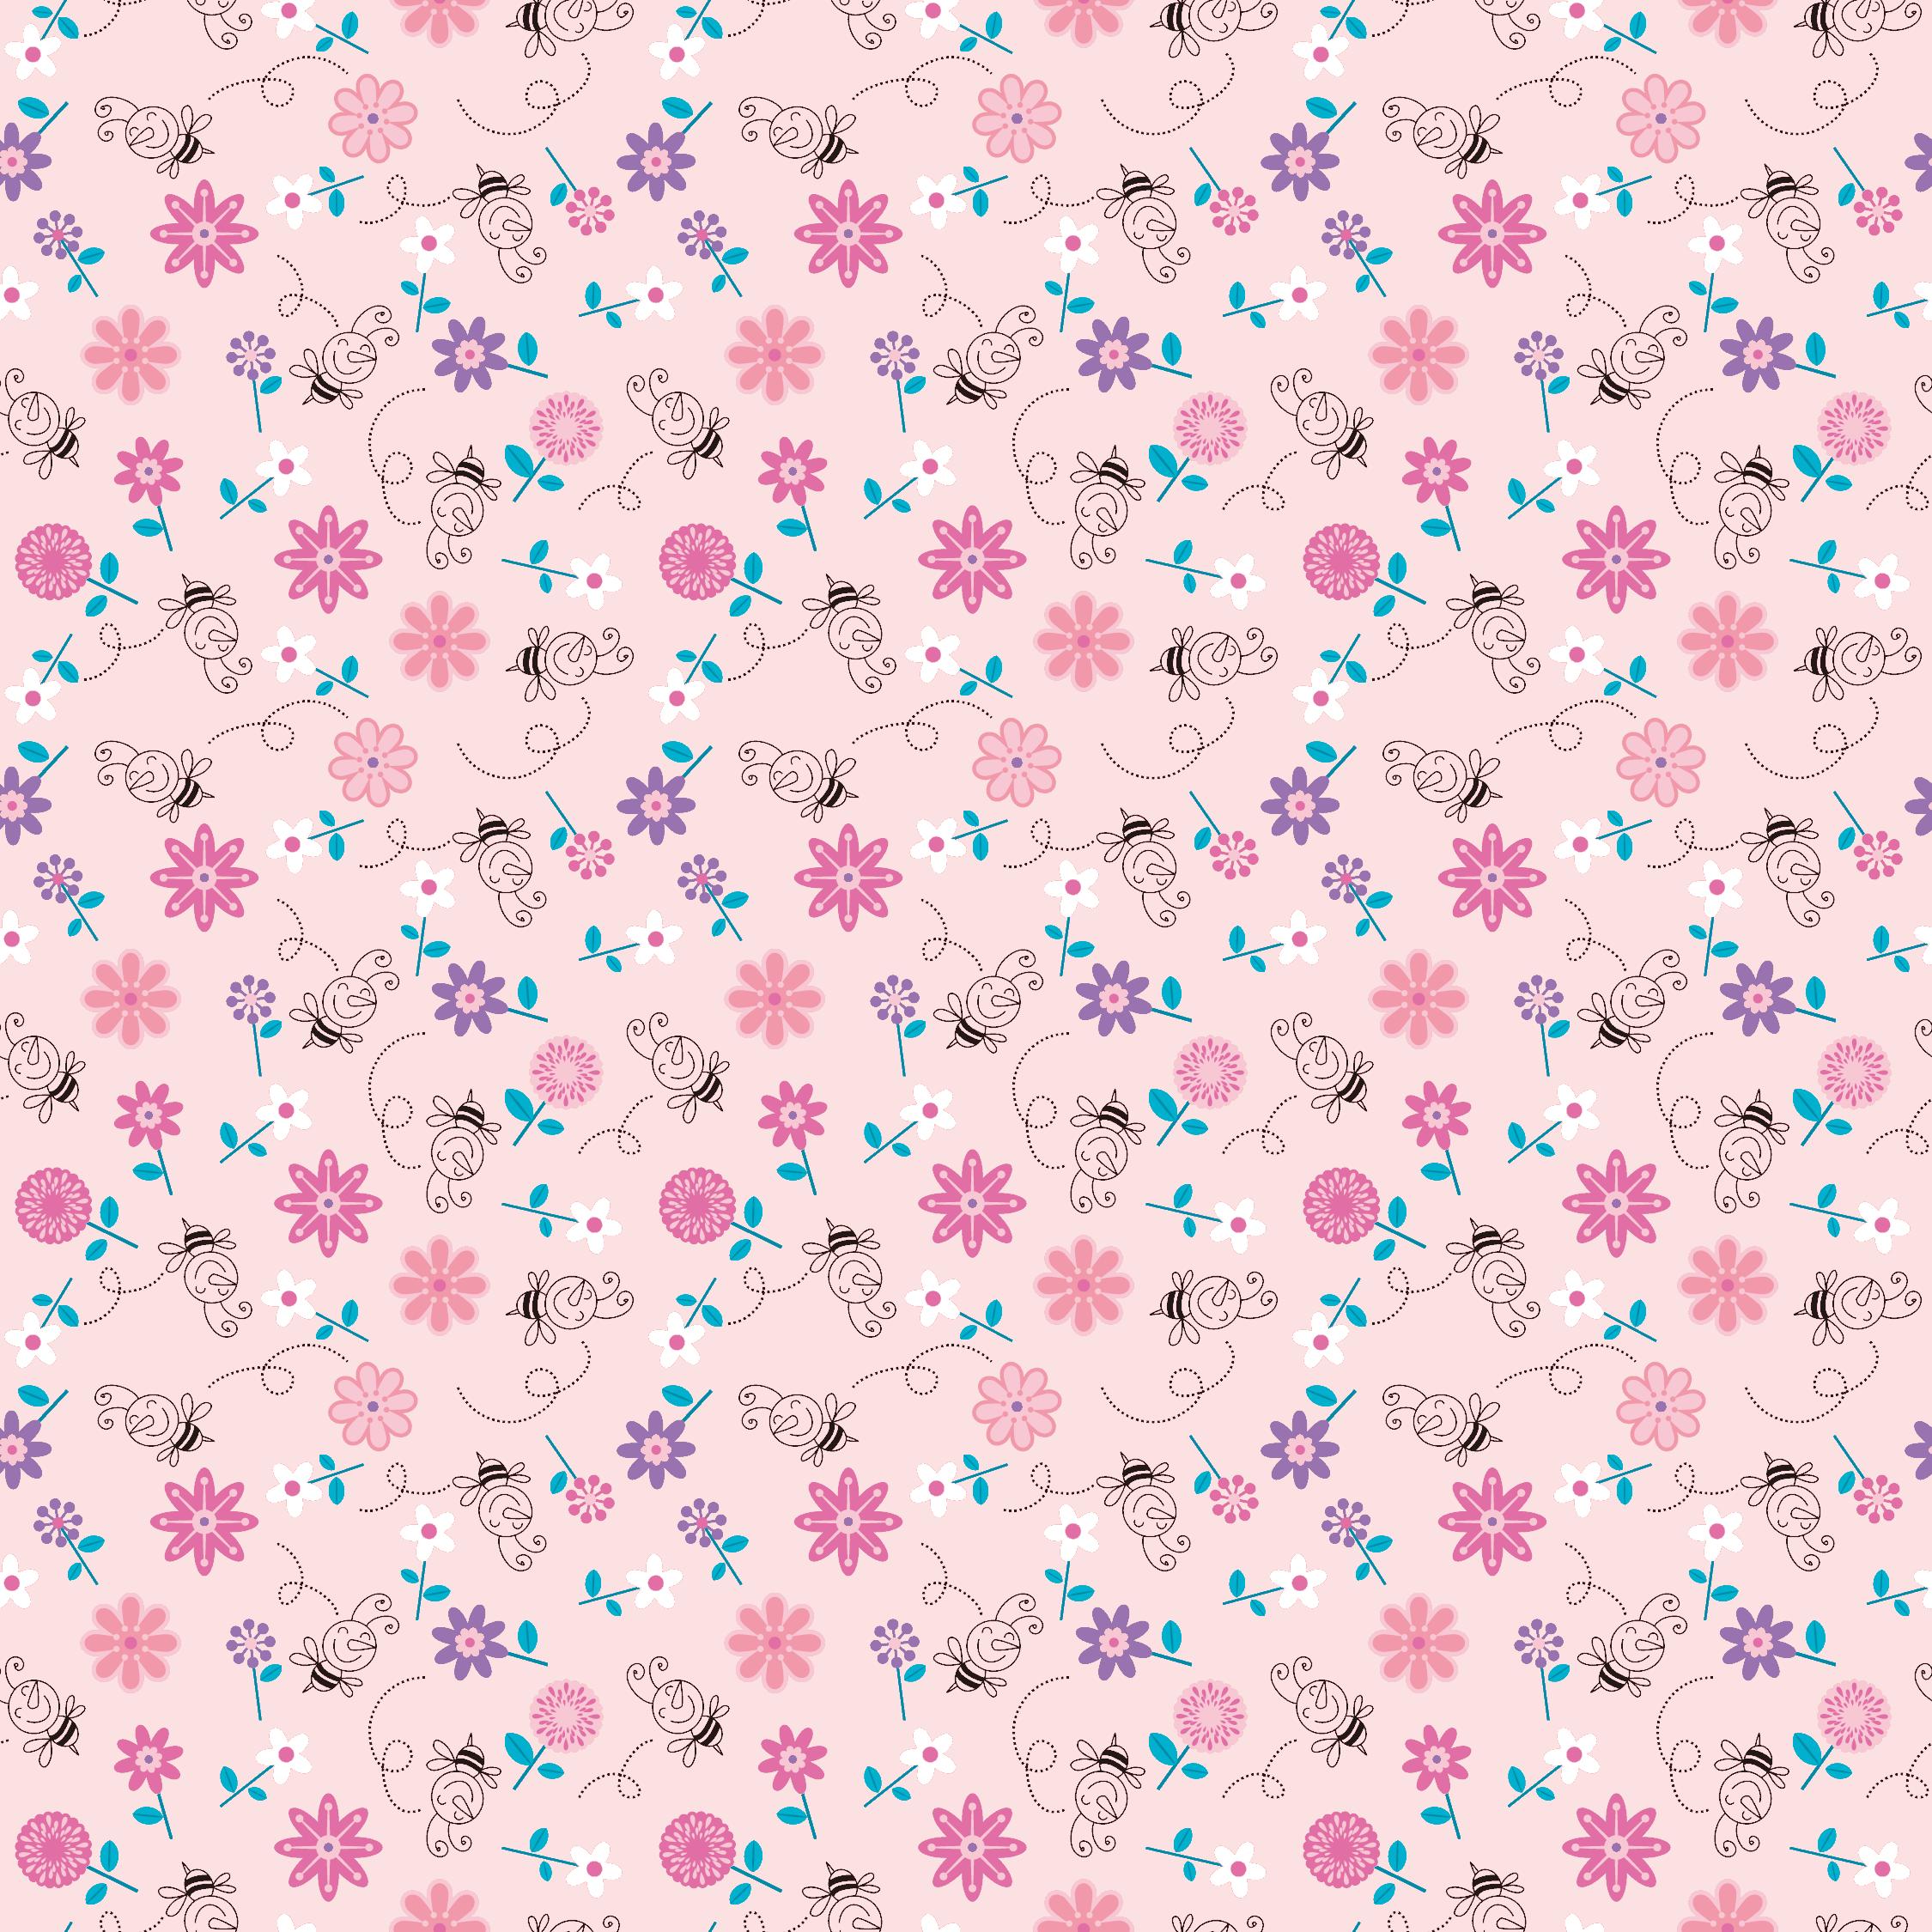 花の壁紙 背景のイラスト 画像no 026 壁紙 花とミツバチ 無料の